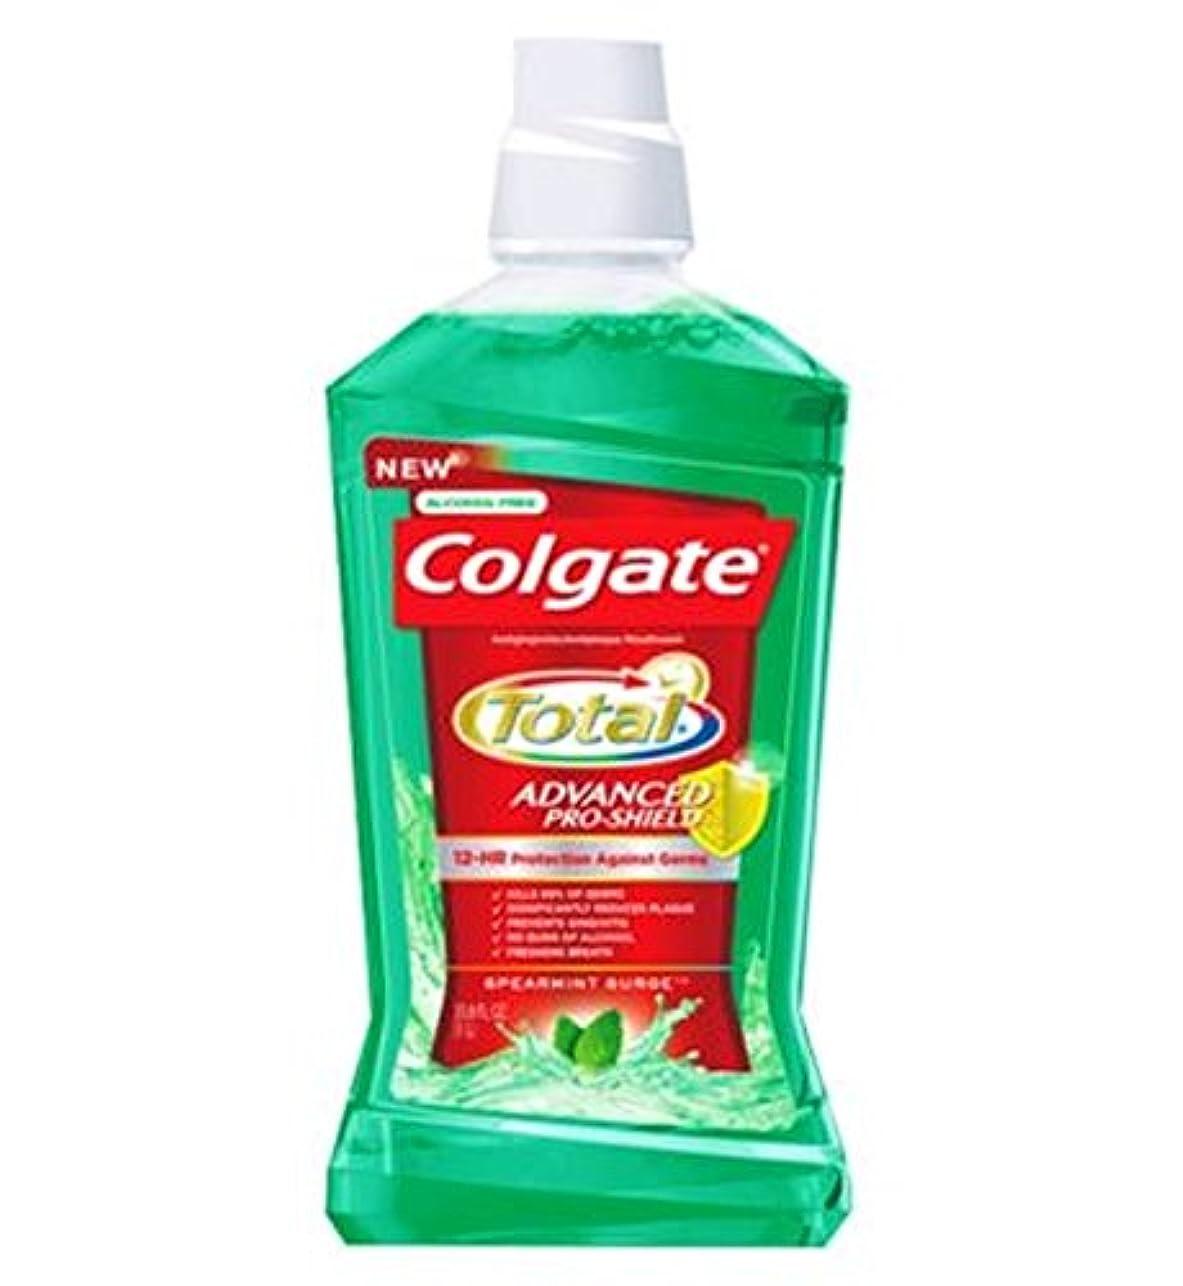 シェア可塑性ポーズコルゲートの口内洗浄剤の合計緑500ミリリットル (Colgate) (x2) - Colgate Mouthrinse Total Green 500ml (Pack of 2) [並行輸入品]